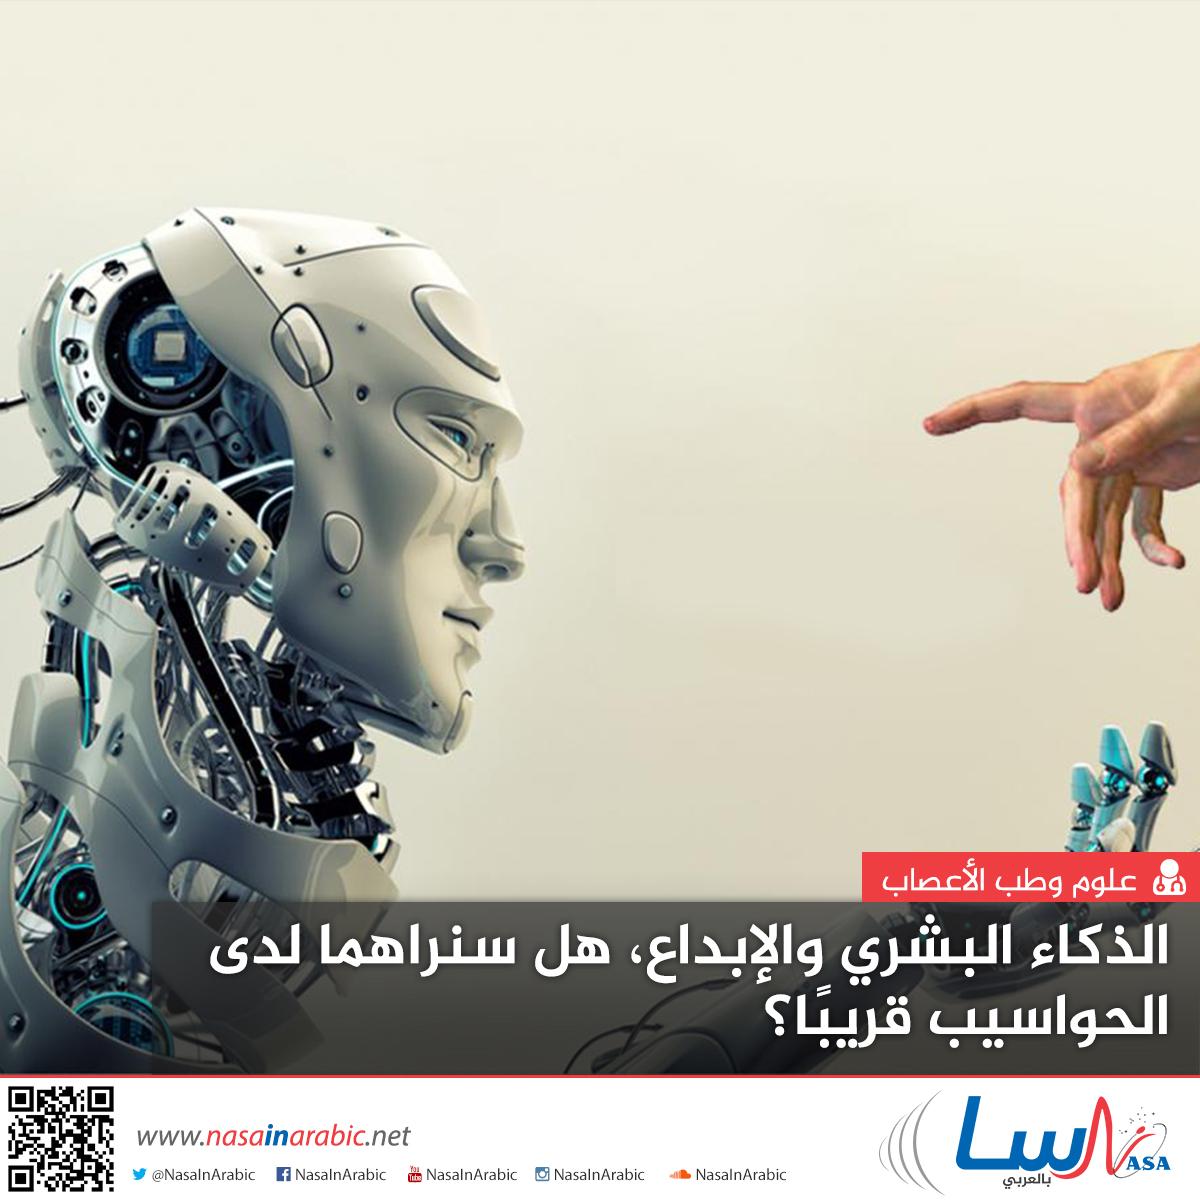 الذكاء البشري والإبداع، هل سنراهما لدى الحواسيب قريبًا؟